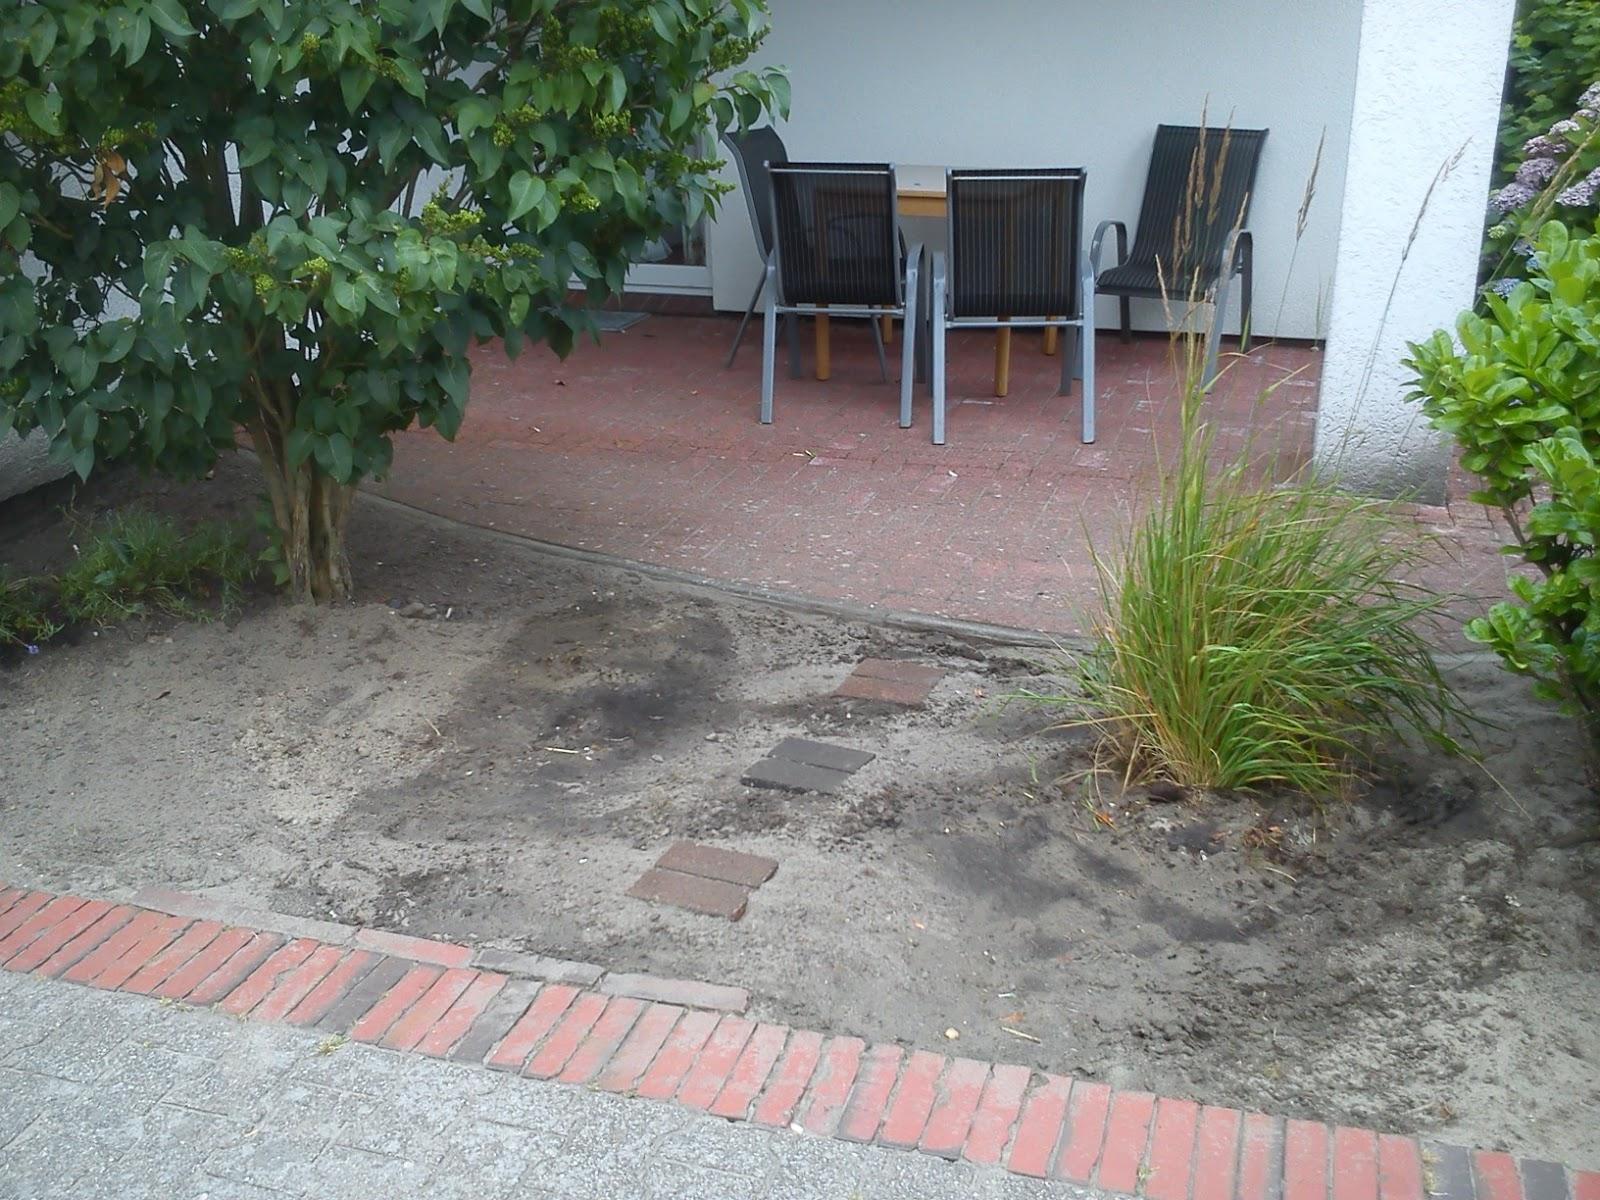 Vorgarten steinreich for Graue steine vorgarten